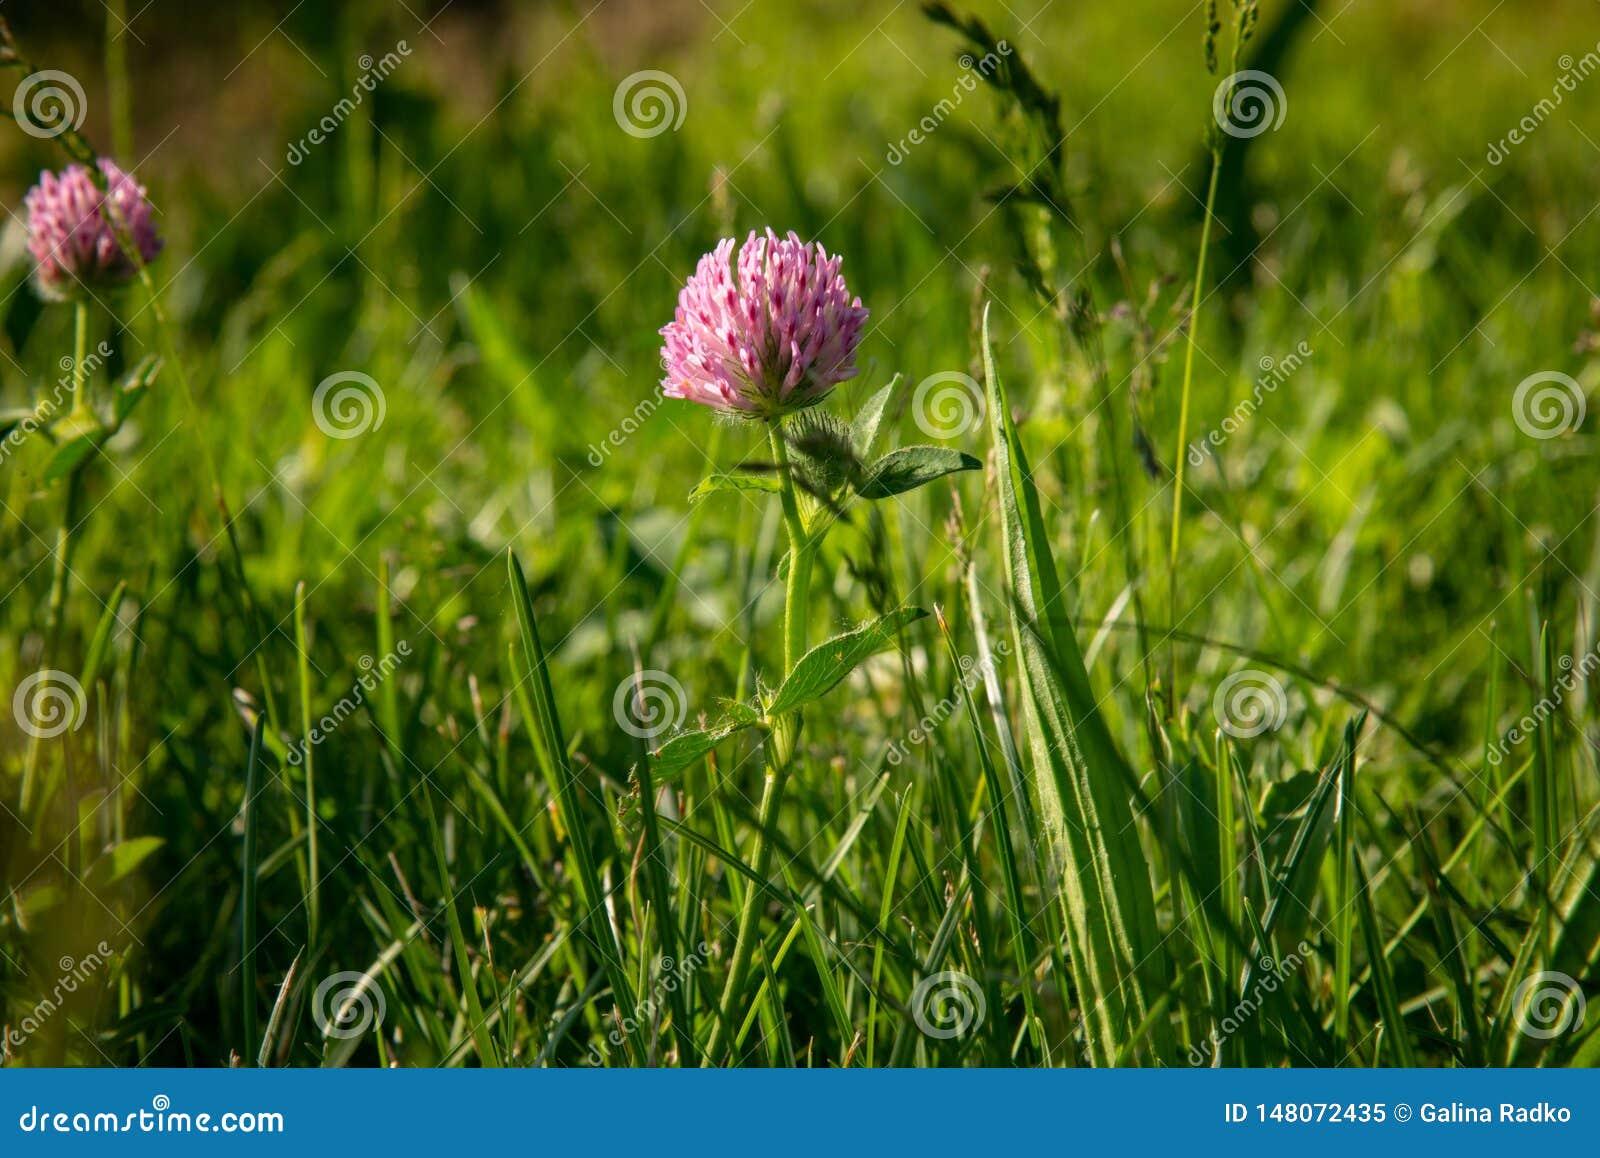 Un fiore rosa del trifoglio è in erba verde nel campo alla luce solare morbida naturale Fondo